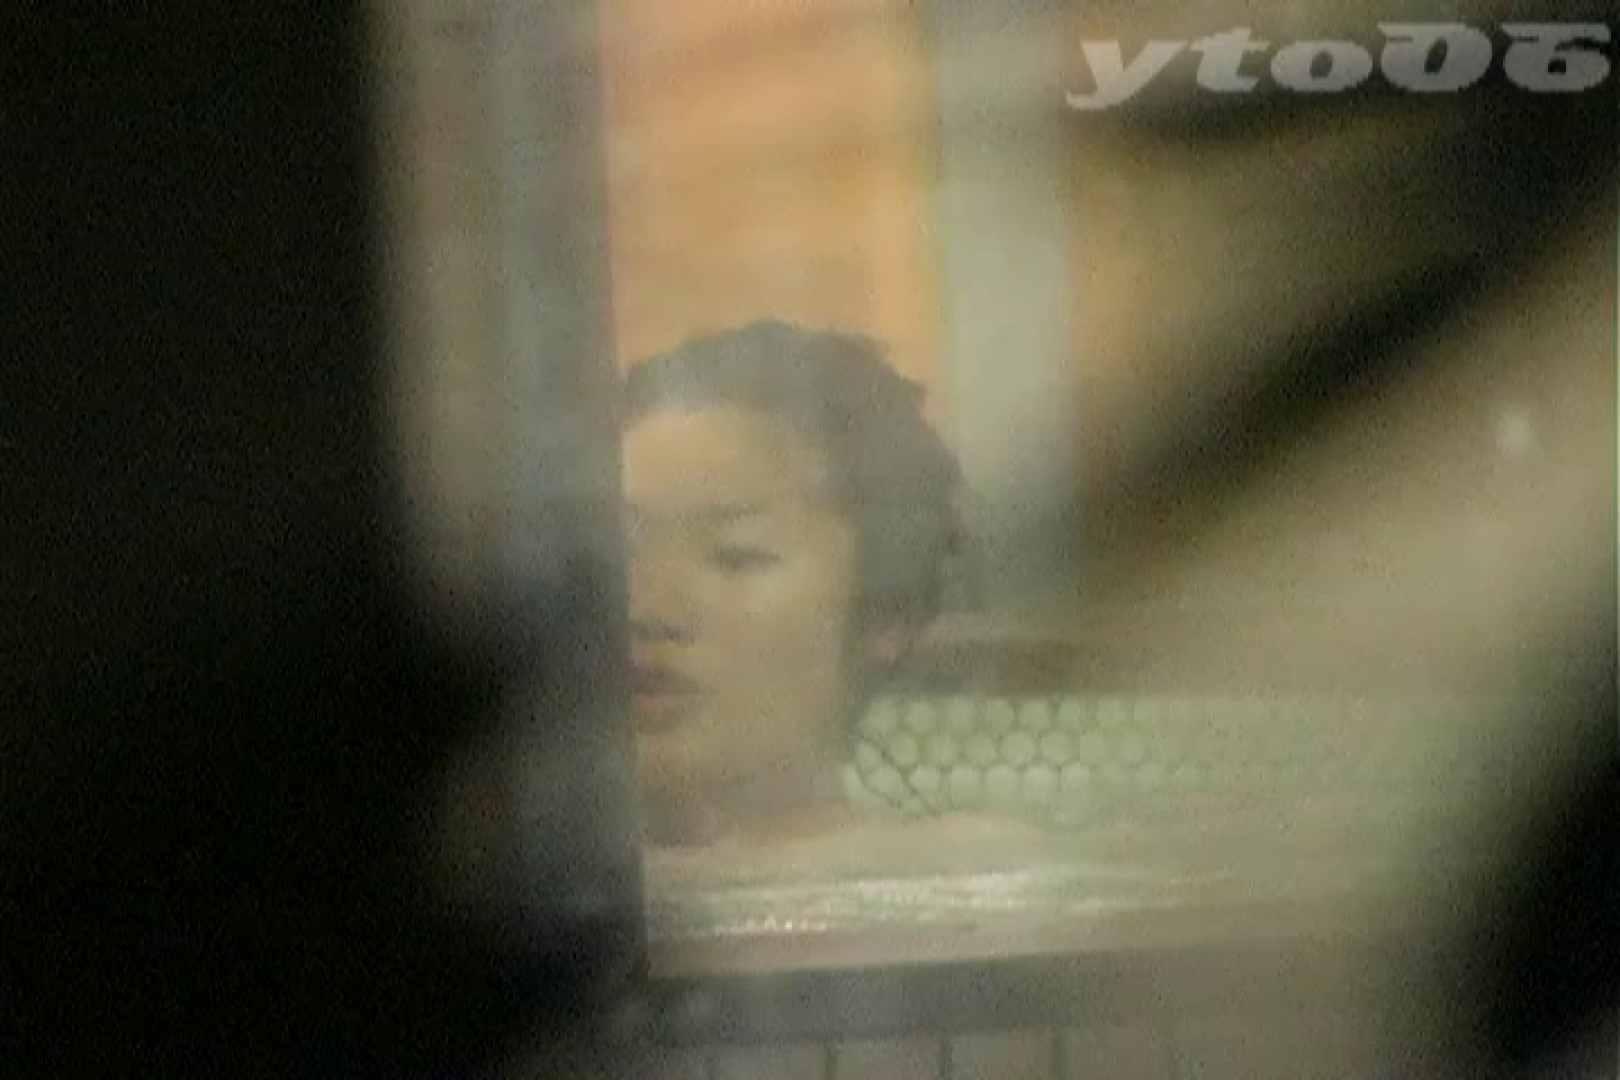 ▲復活限定▲合宿ホテル女風呂盗撮 Vol.36 ホテル AV動画キャプチャ 78PIX 16